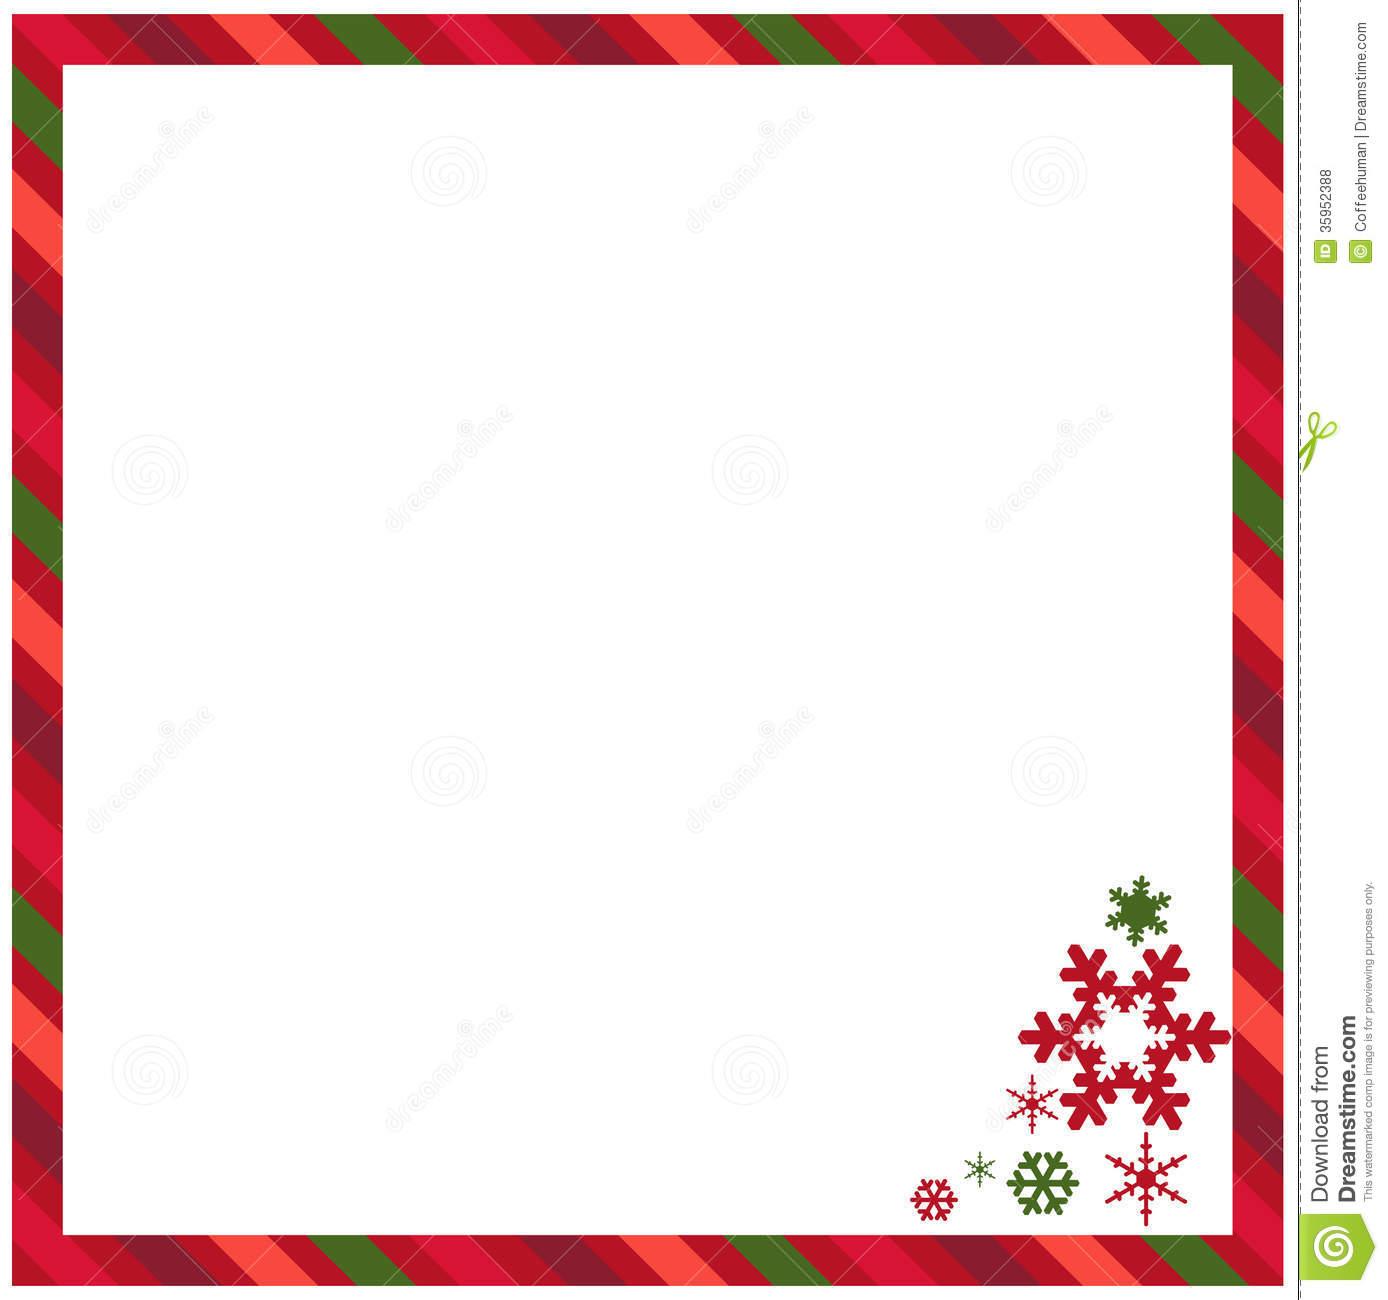 17 Christmas Frame PSD Templates Images Christmas